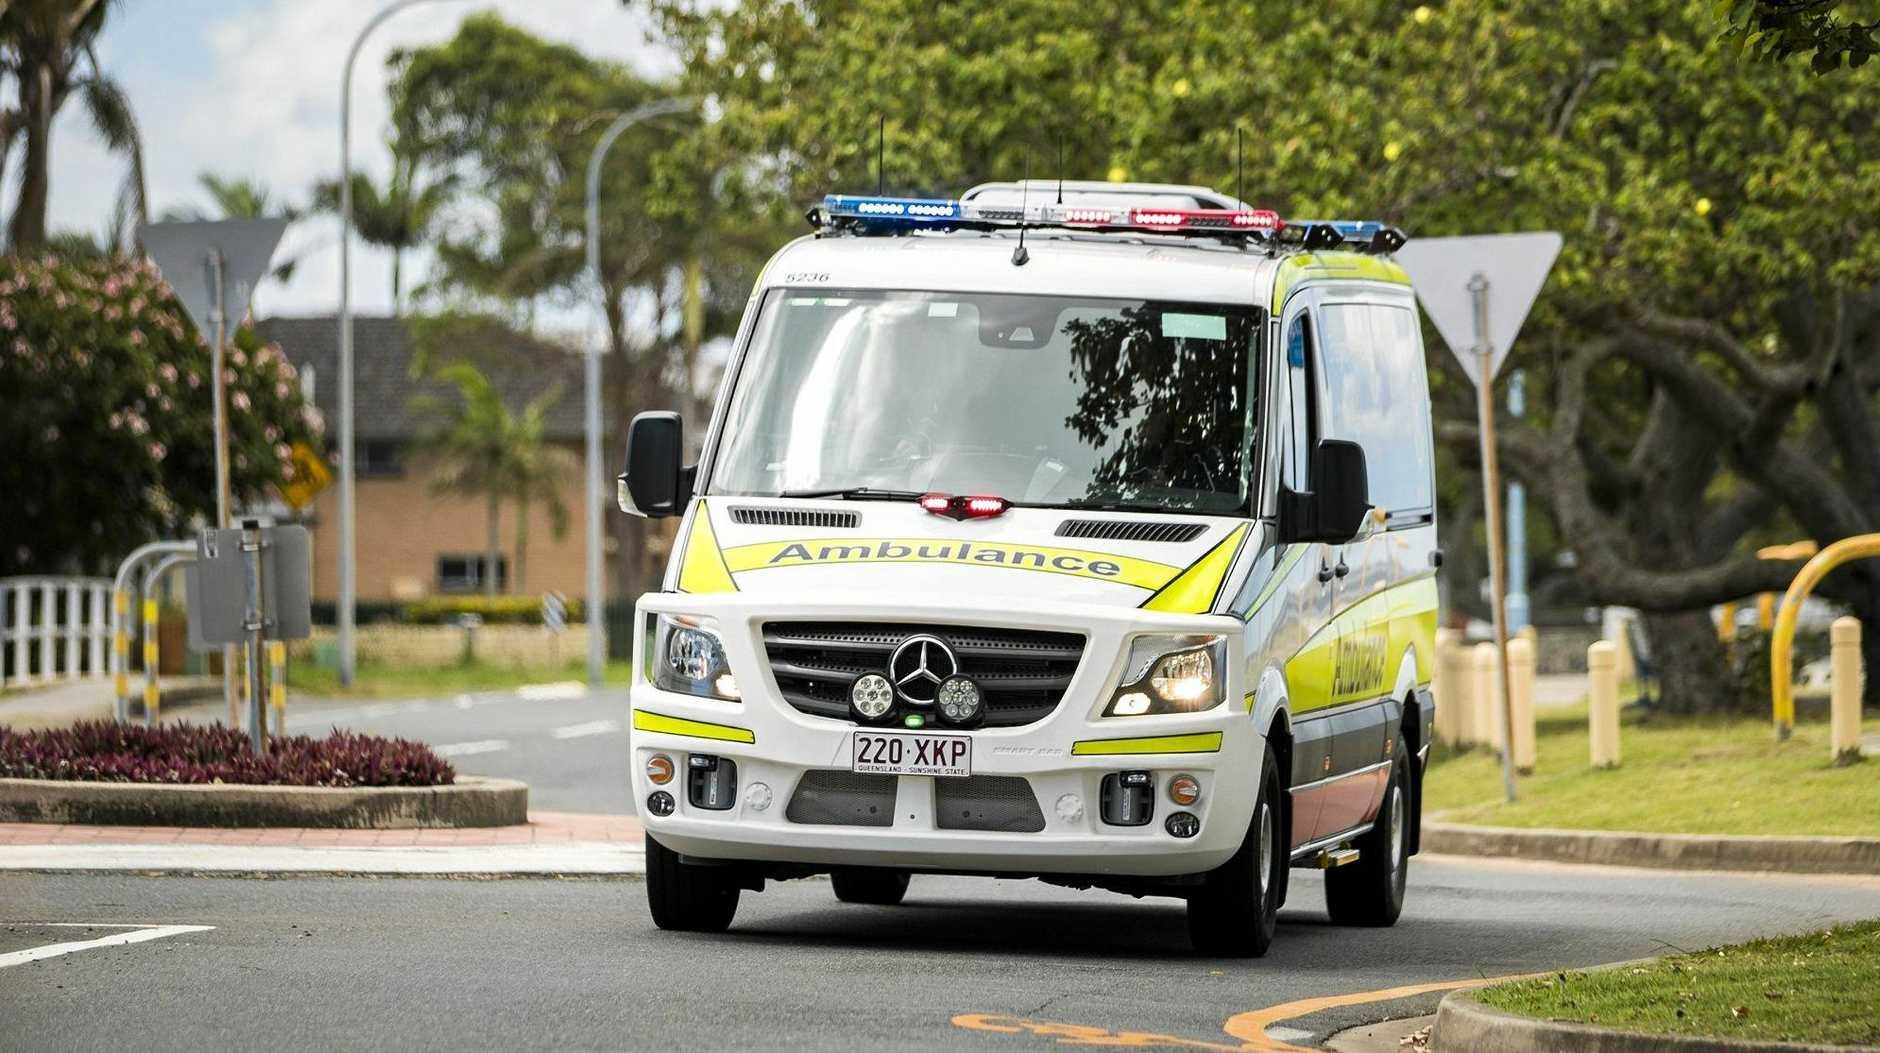 Queensland Ambulance Service Geebung crew at Sandgate & Brighton